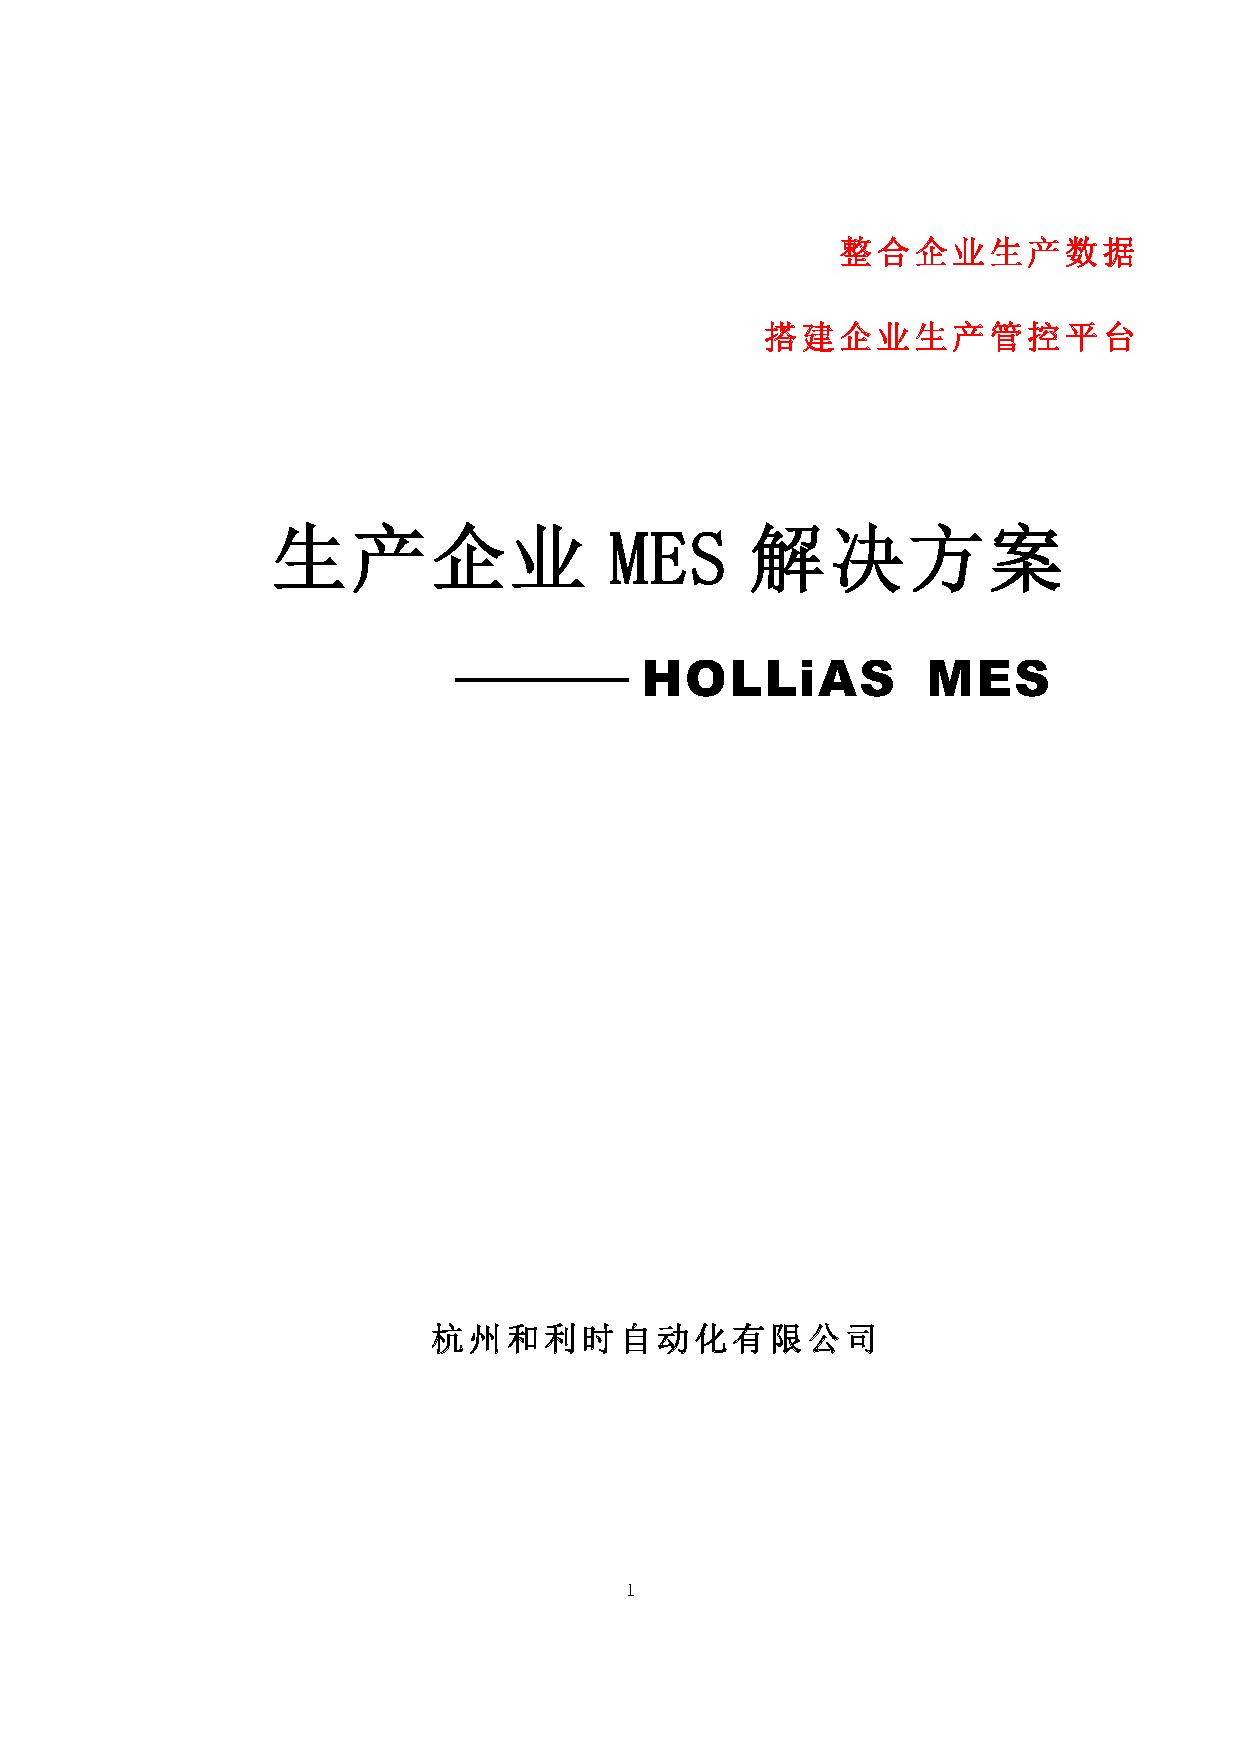 和利时-生产企业MES解决方案